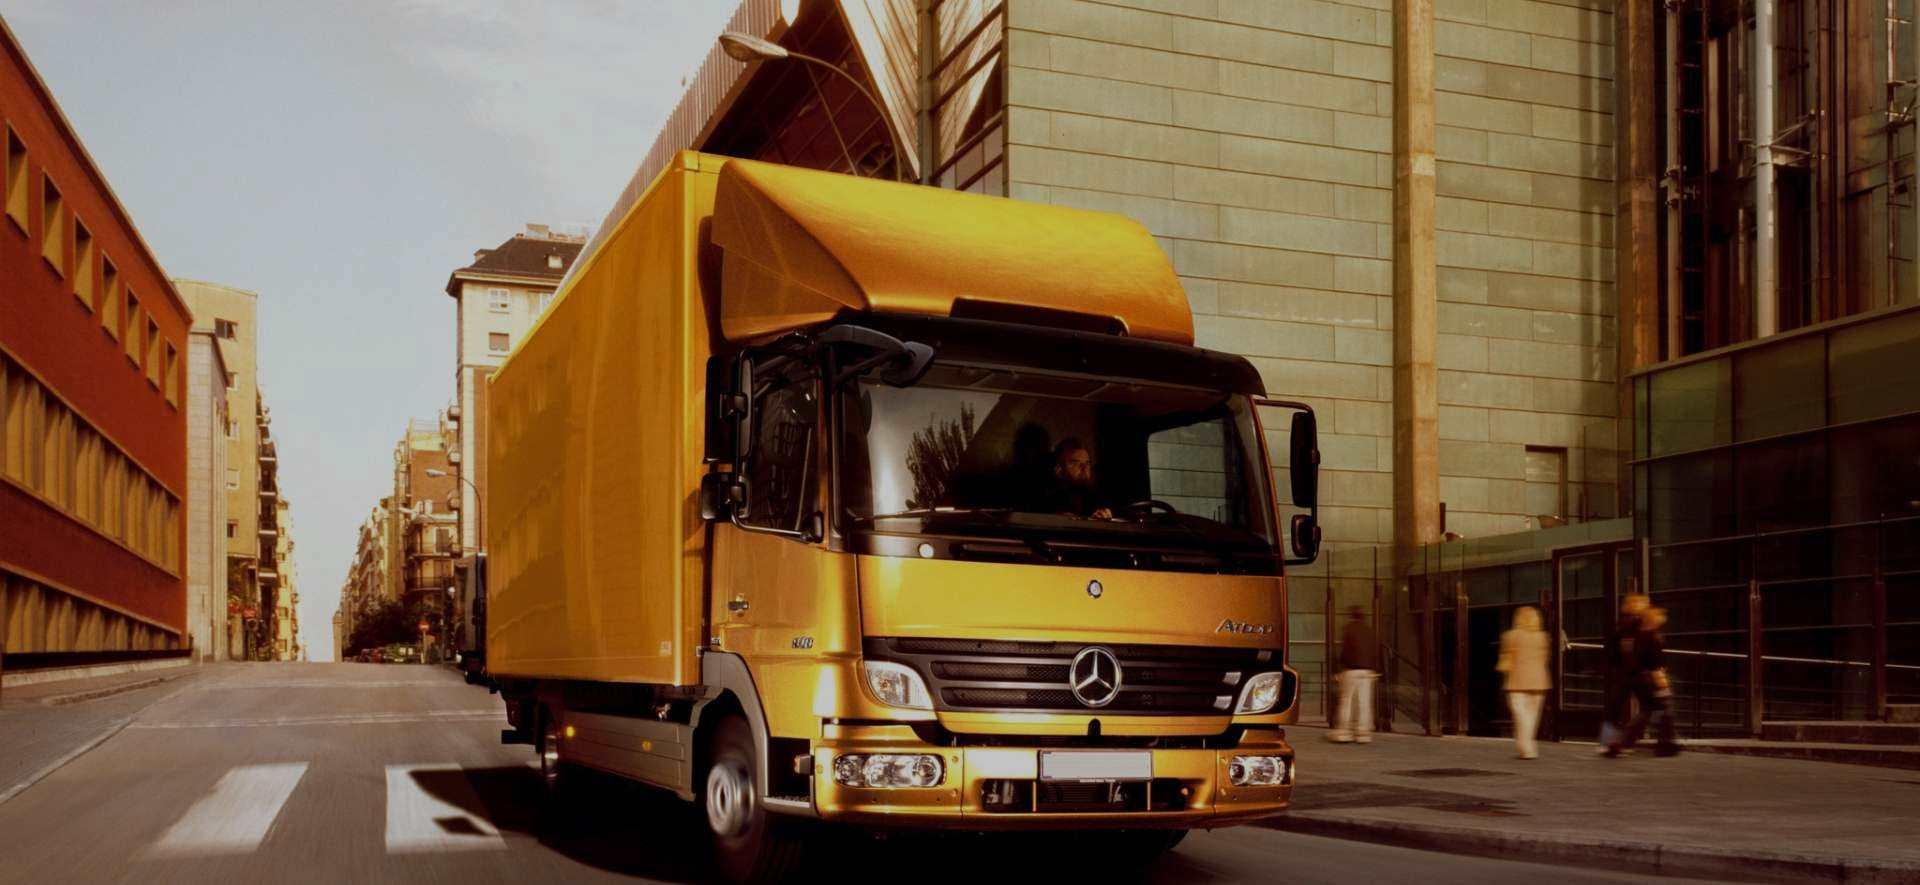 mercedes-truck-road